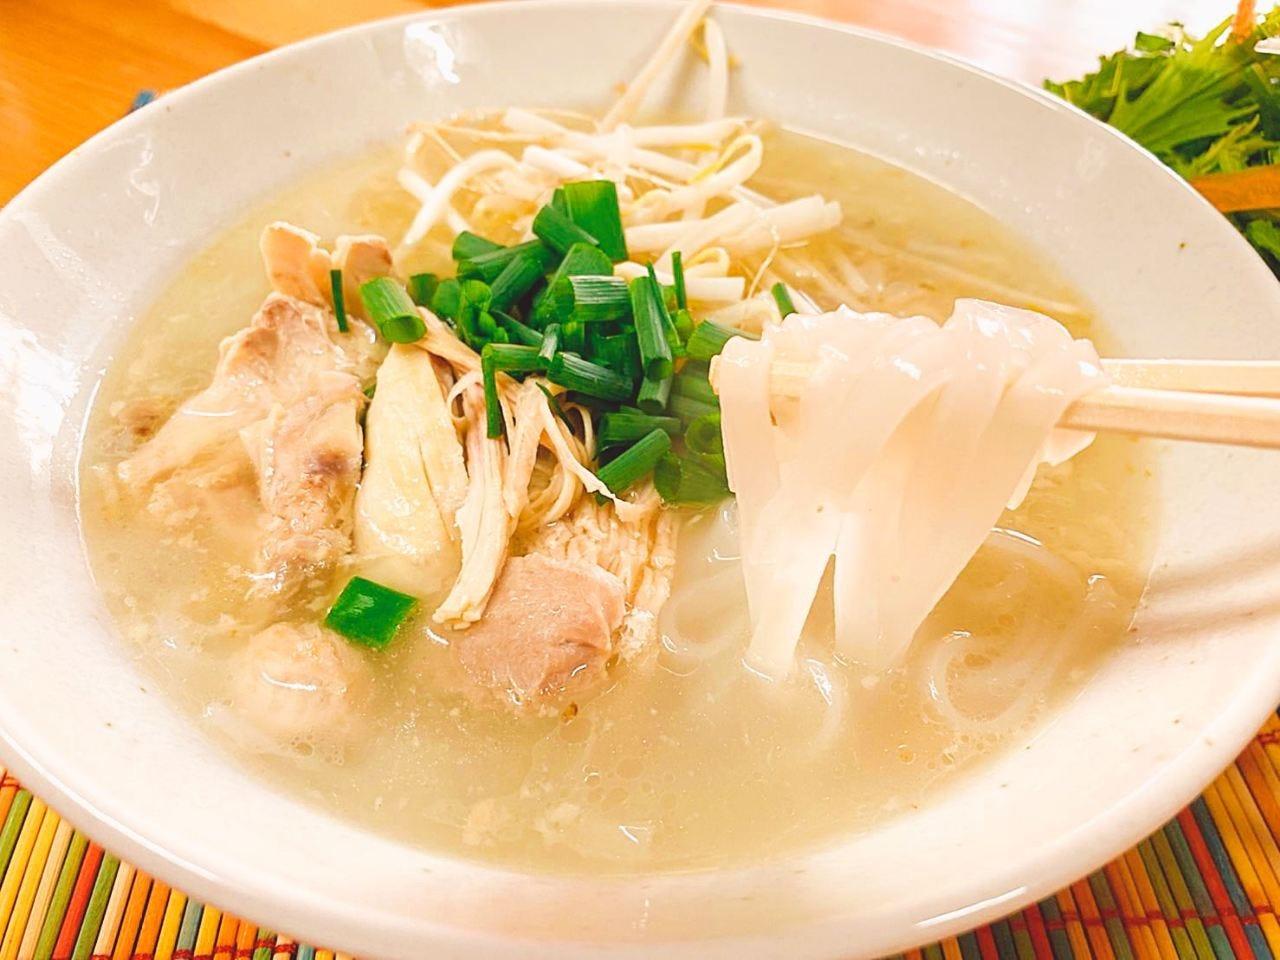 自家製スープで作る「鶏フォー」は当店こだわりの一品!